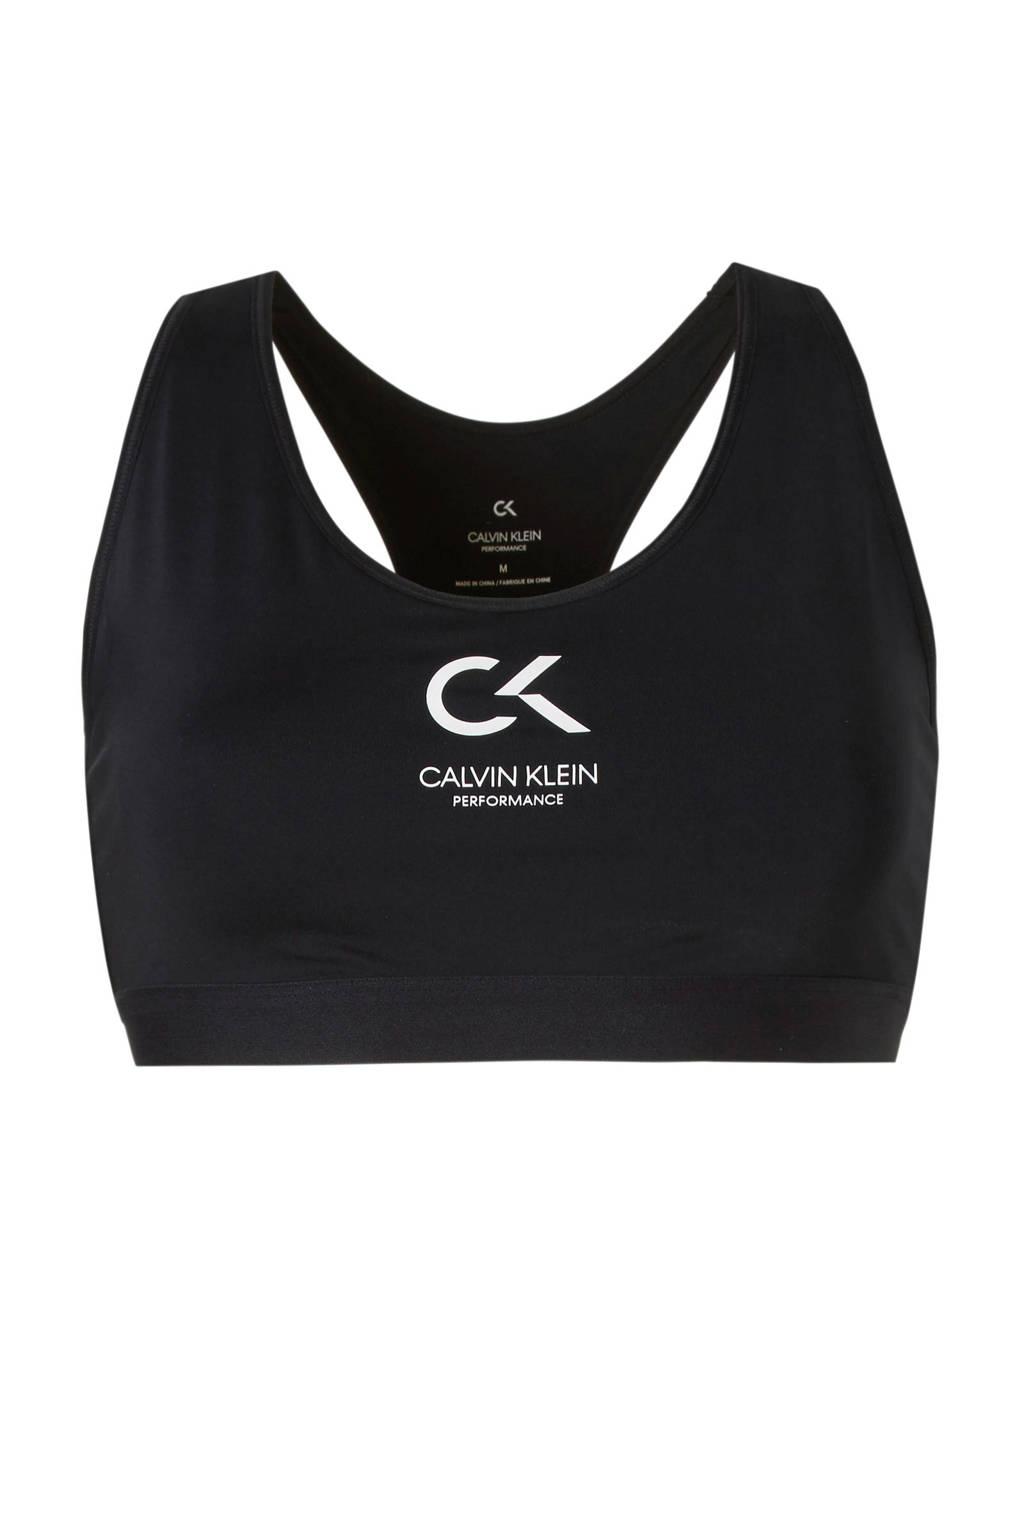 Calvin Klein Performance sportbh zwart, Zwart